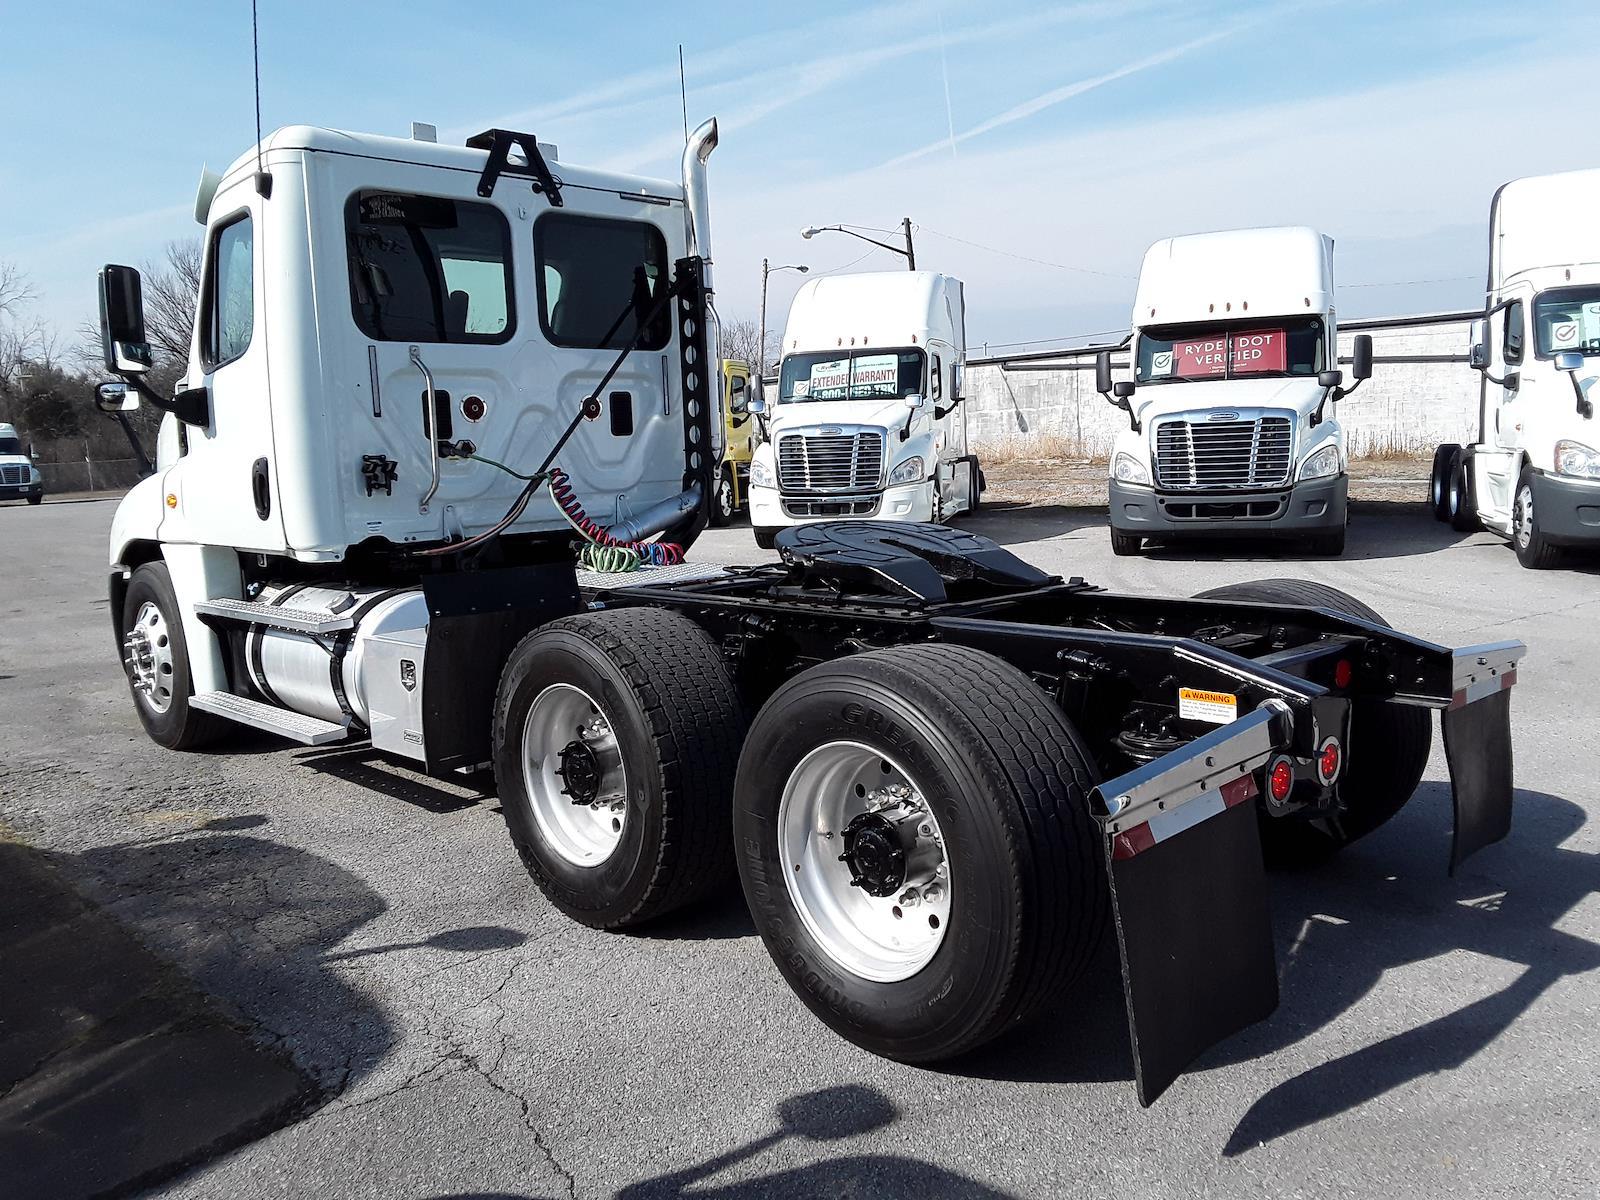 2016 Freightliner Truck 6x4, Tractor #649802 - photo 1